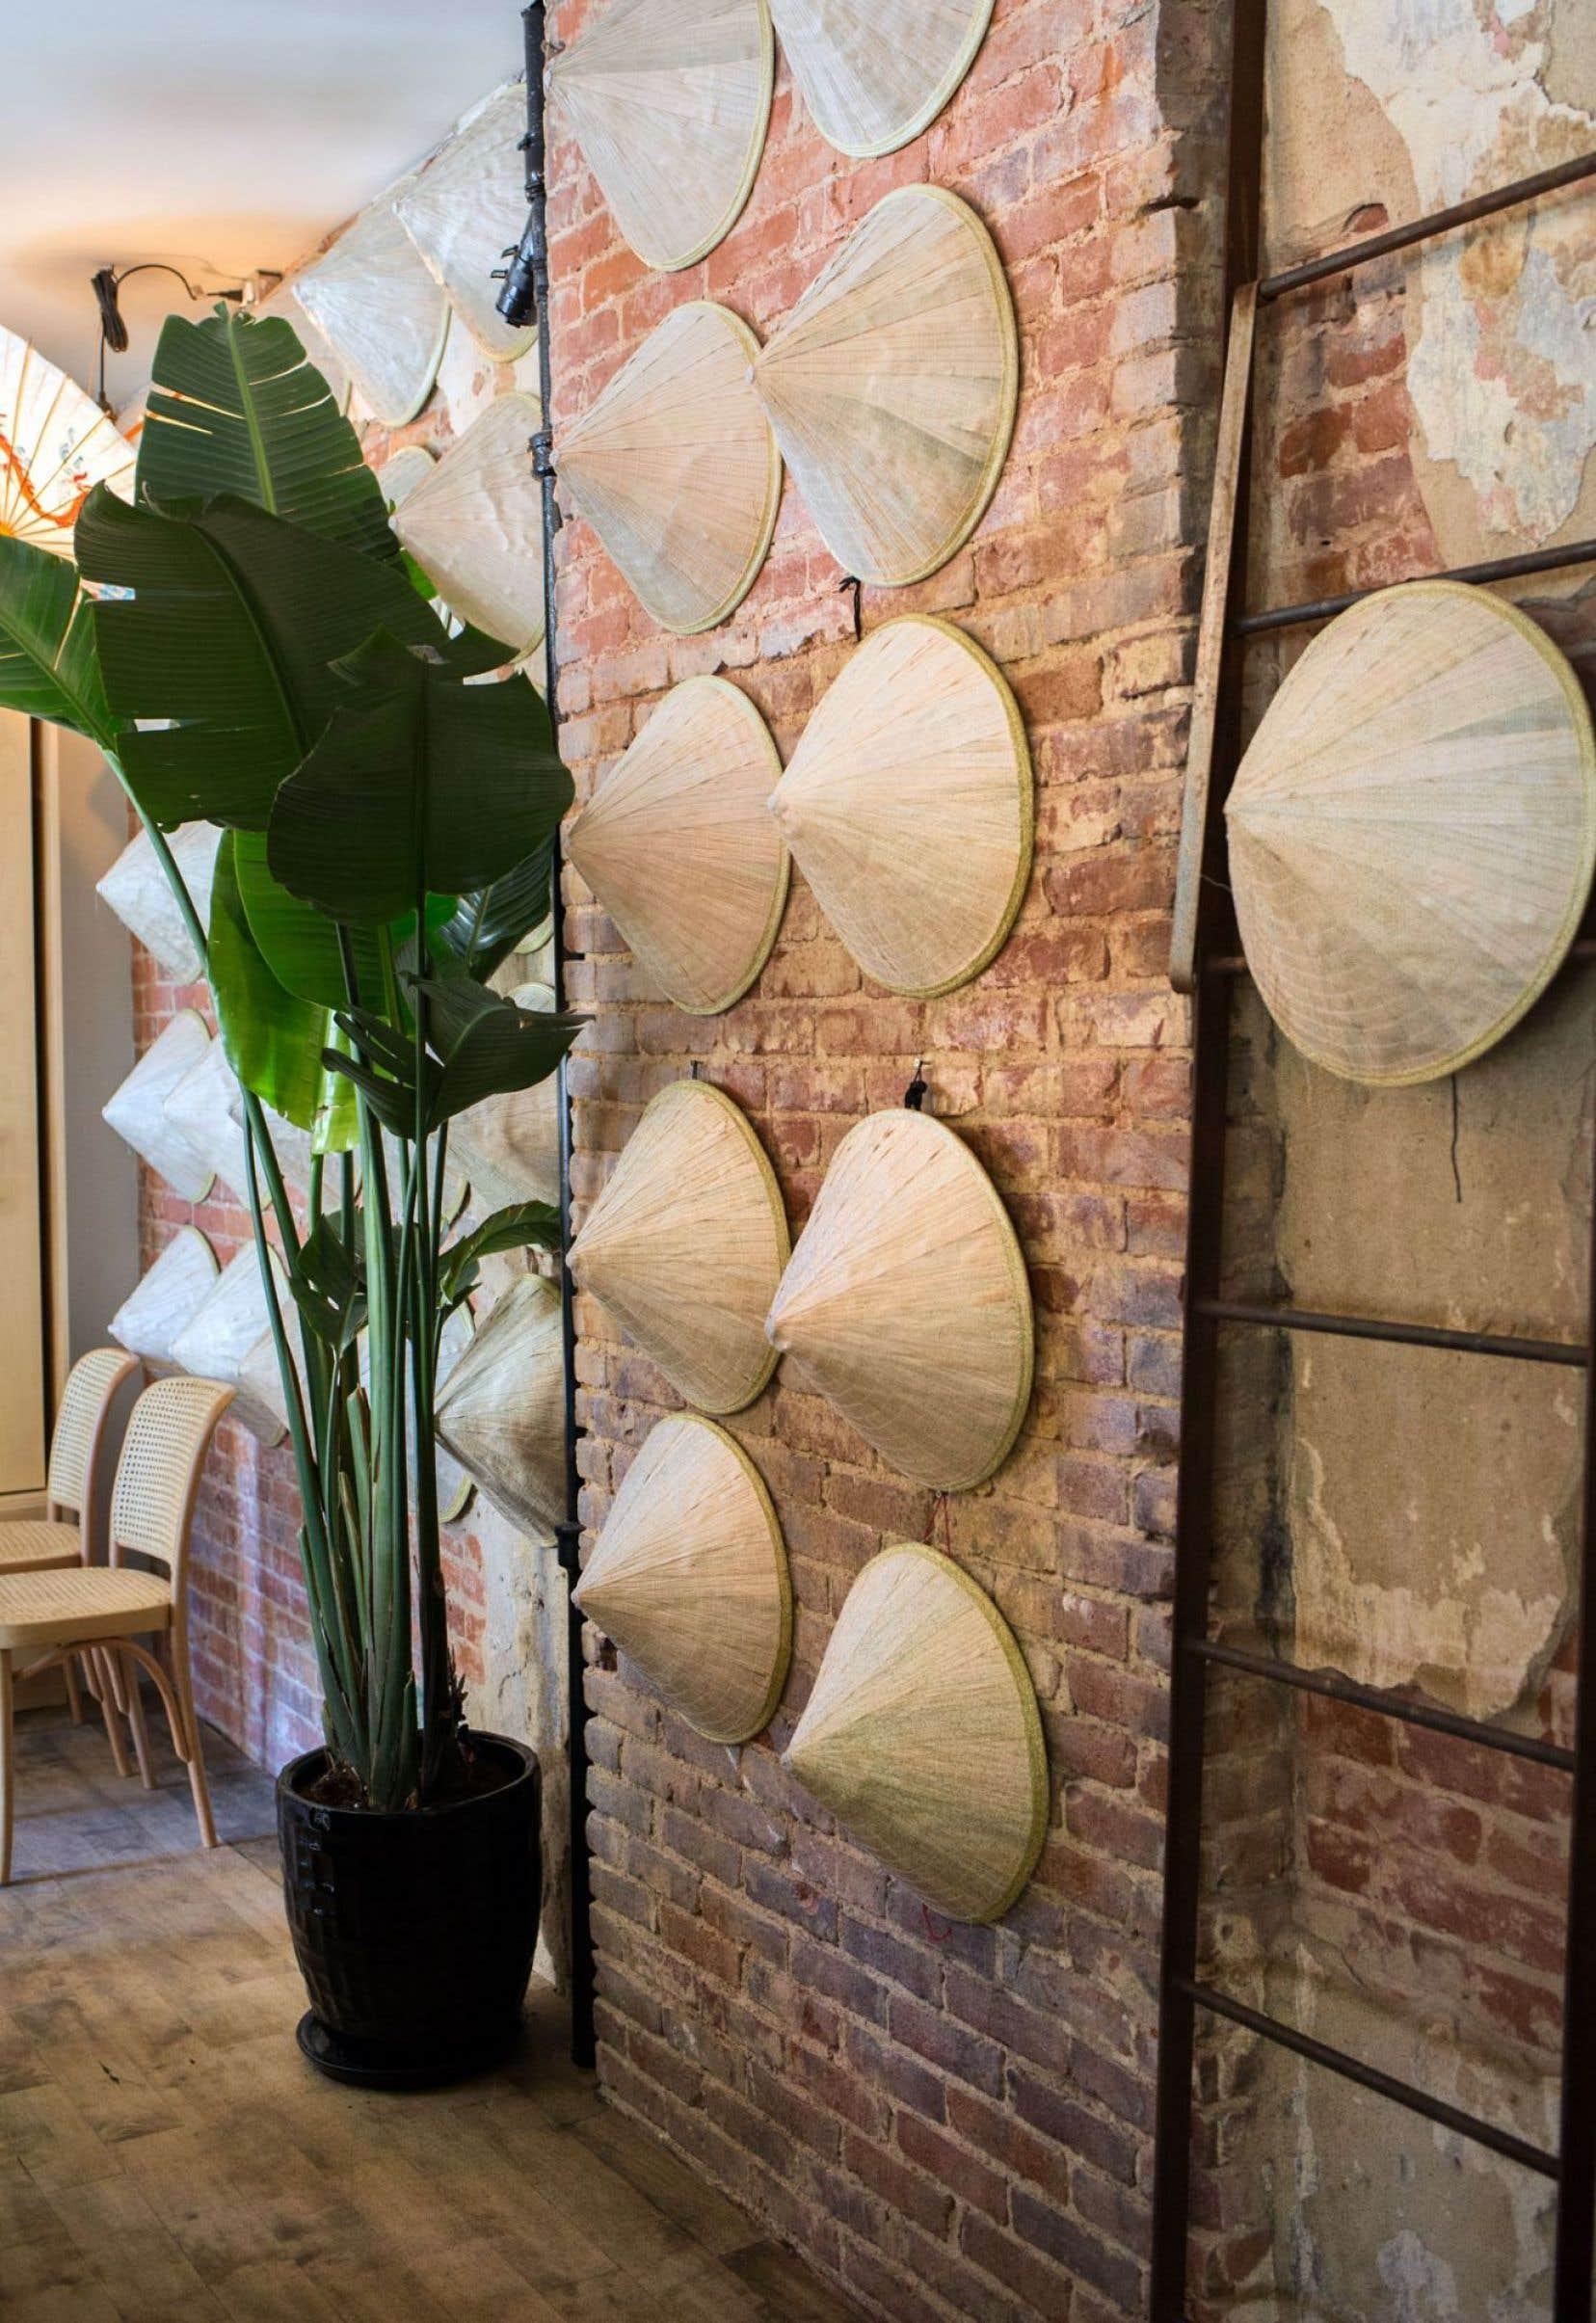 Dès le seuil du restaurant Hà franchi, une quarantaine de chapeaux chinois accrochés au mur met en appétit pour des petits plats à l'exotisme retenu.